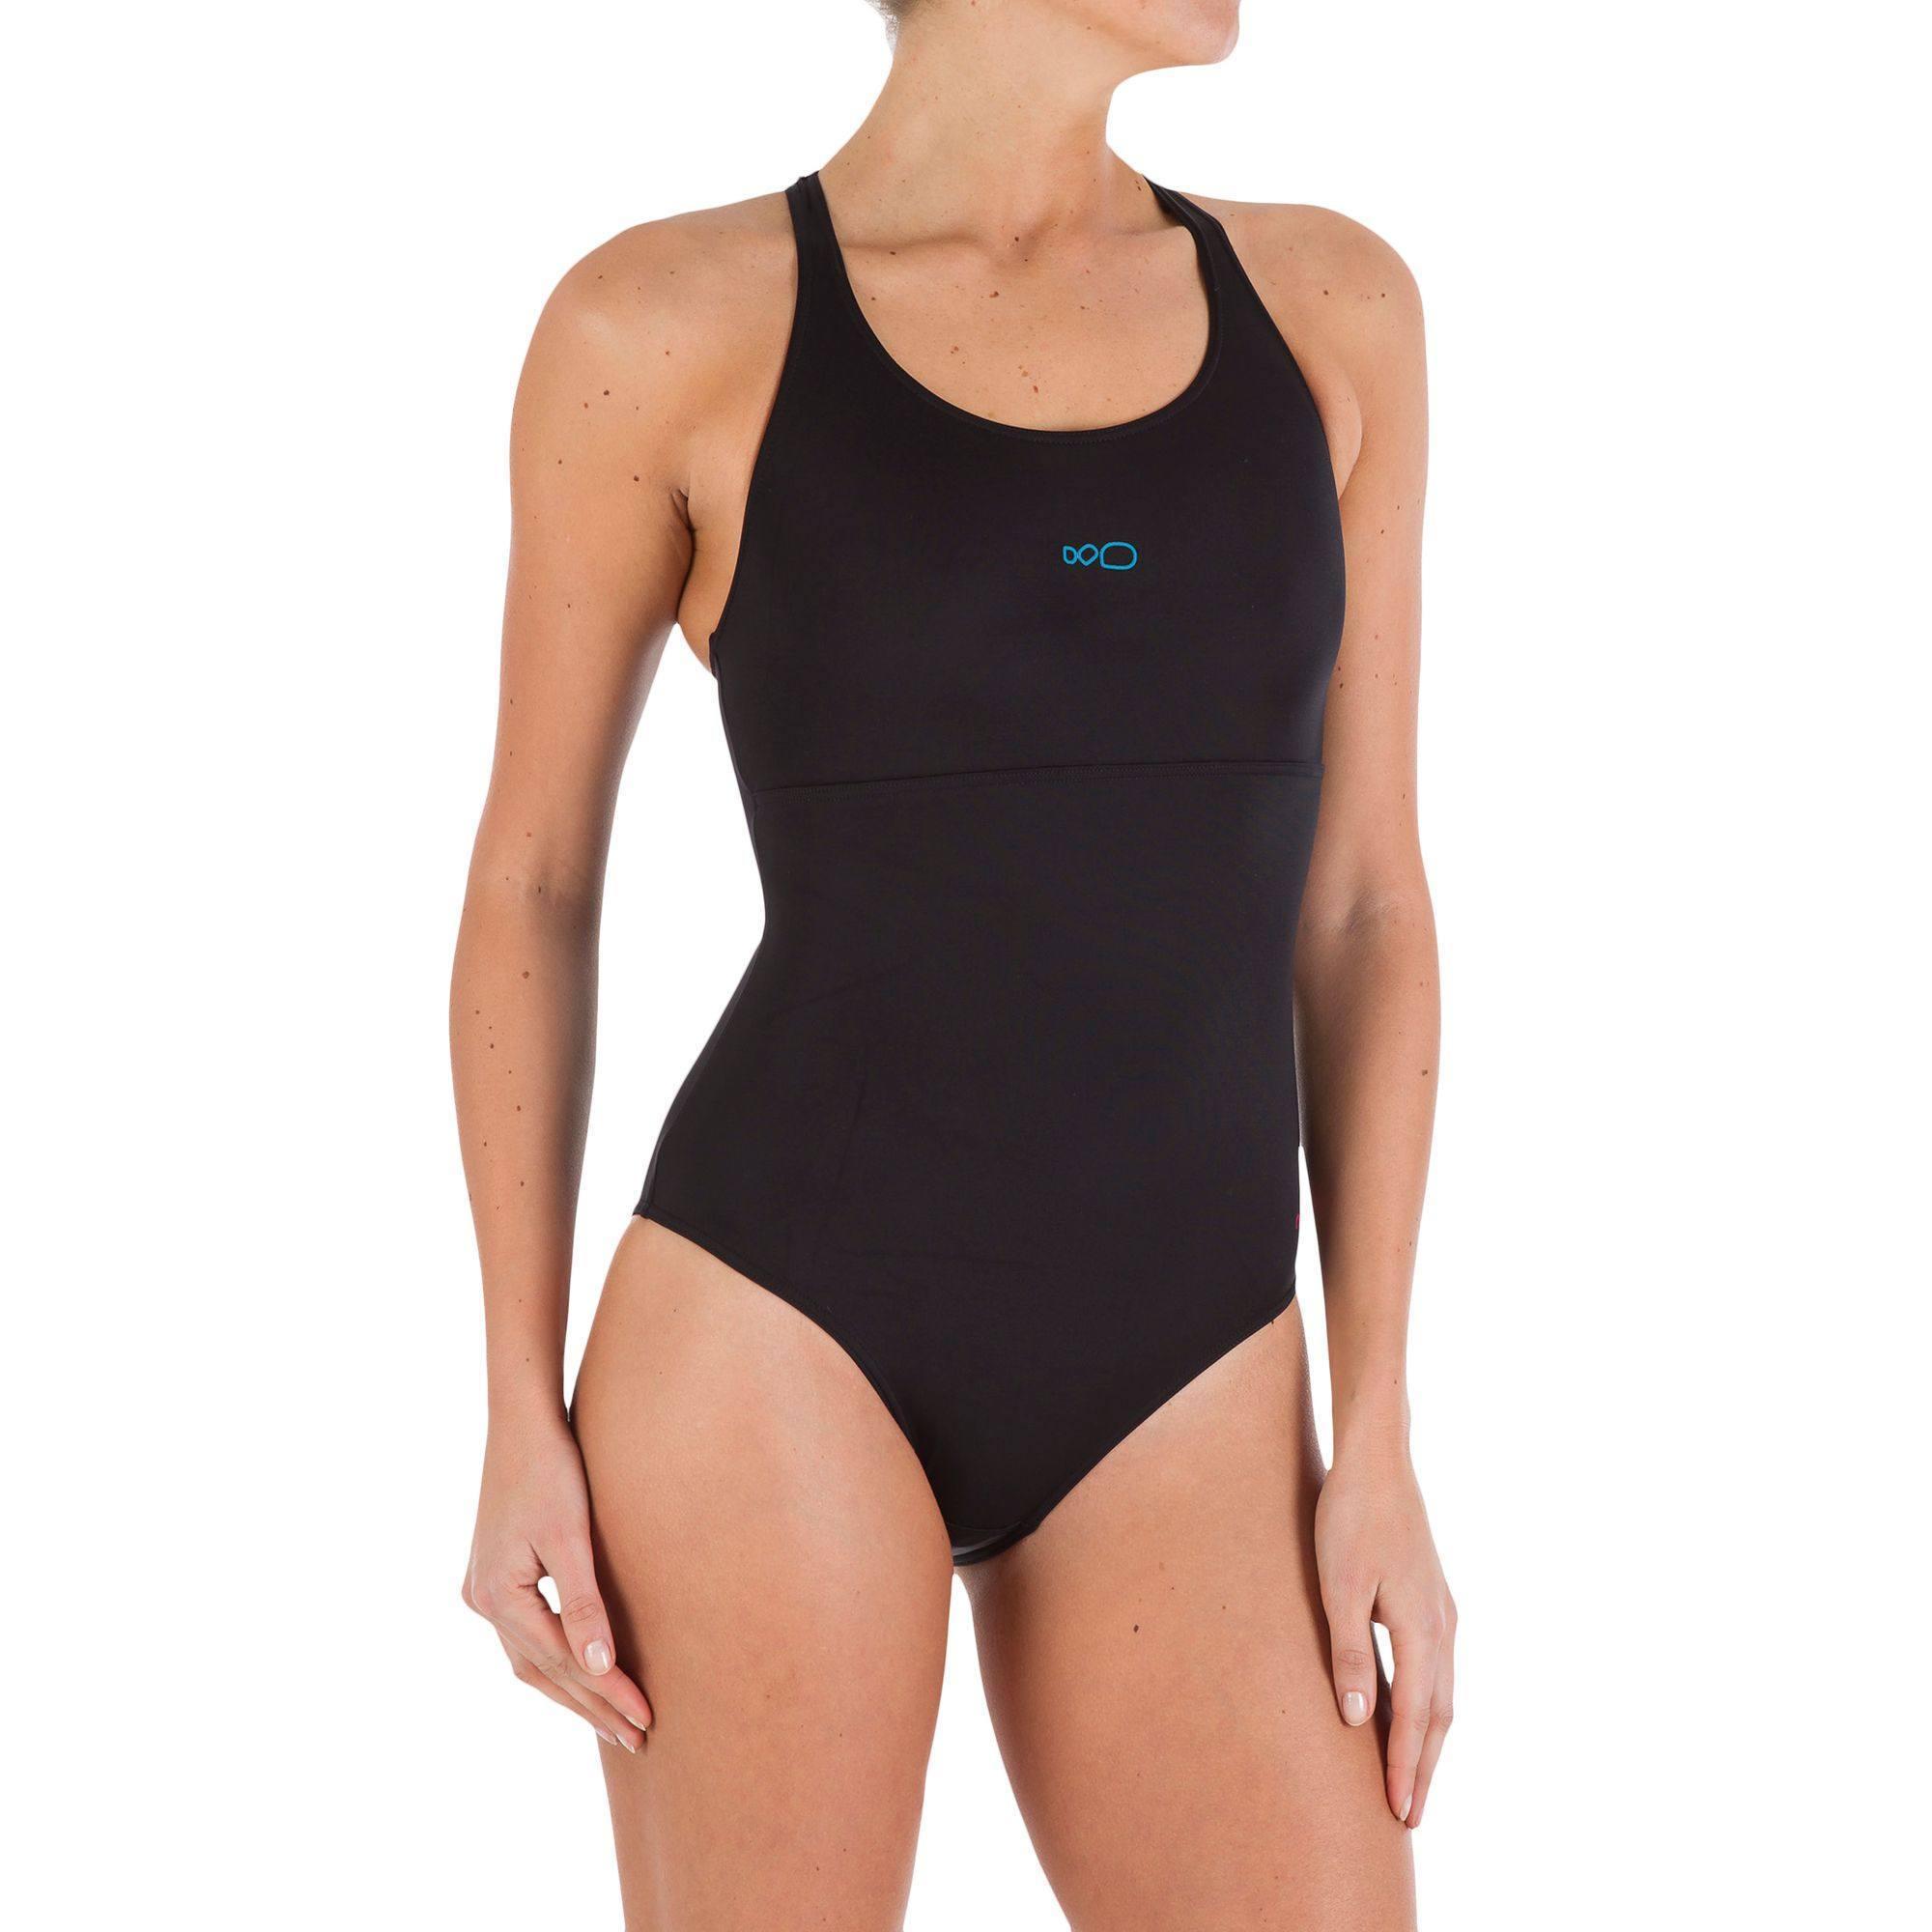 Maillot de bain de natation une pièce femme Leony + noir